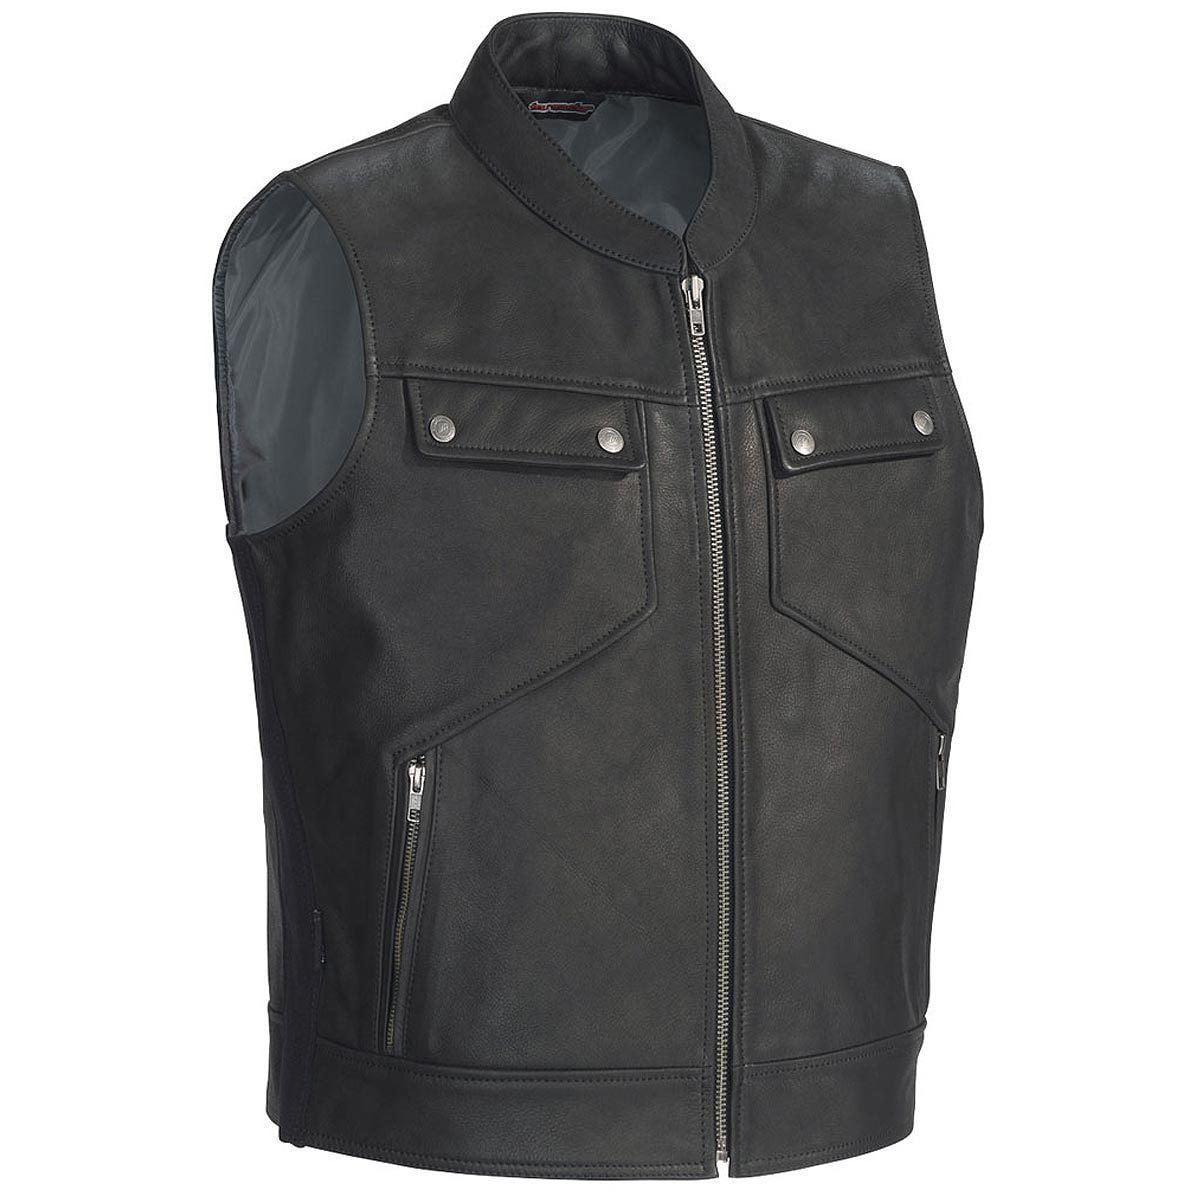 Tourmaster Nomad Mens Black Leather Vest